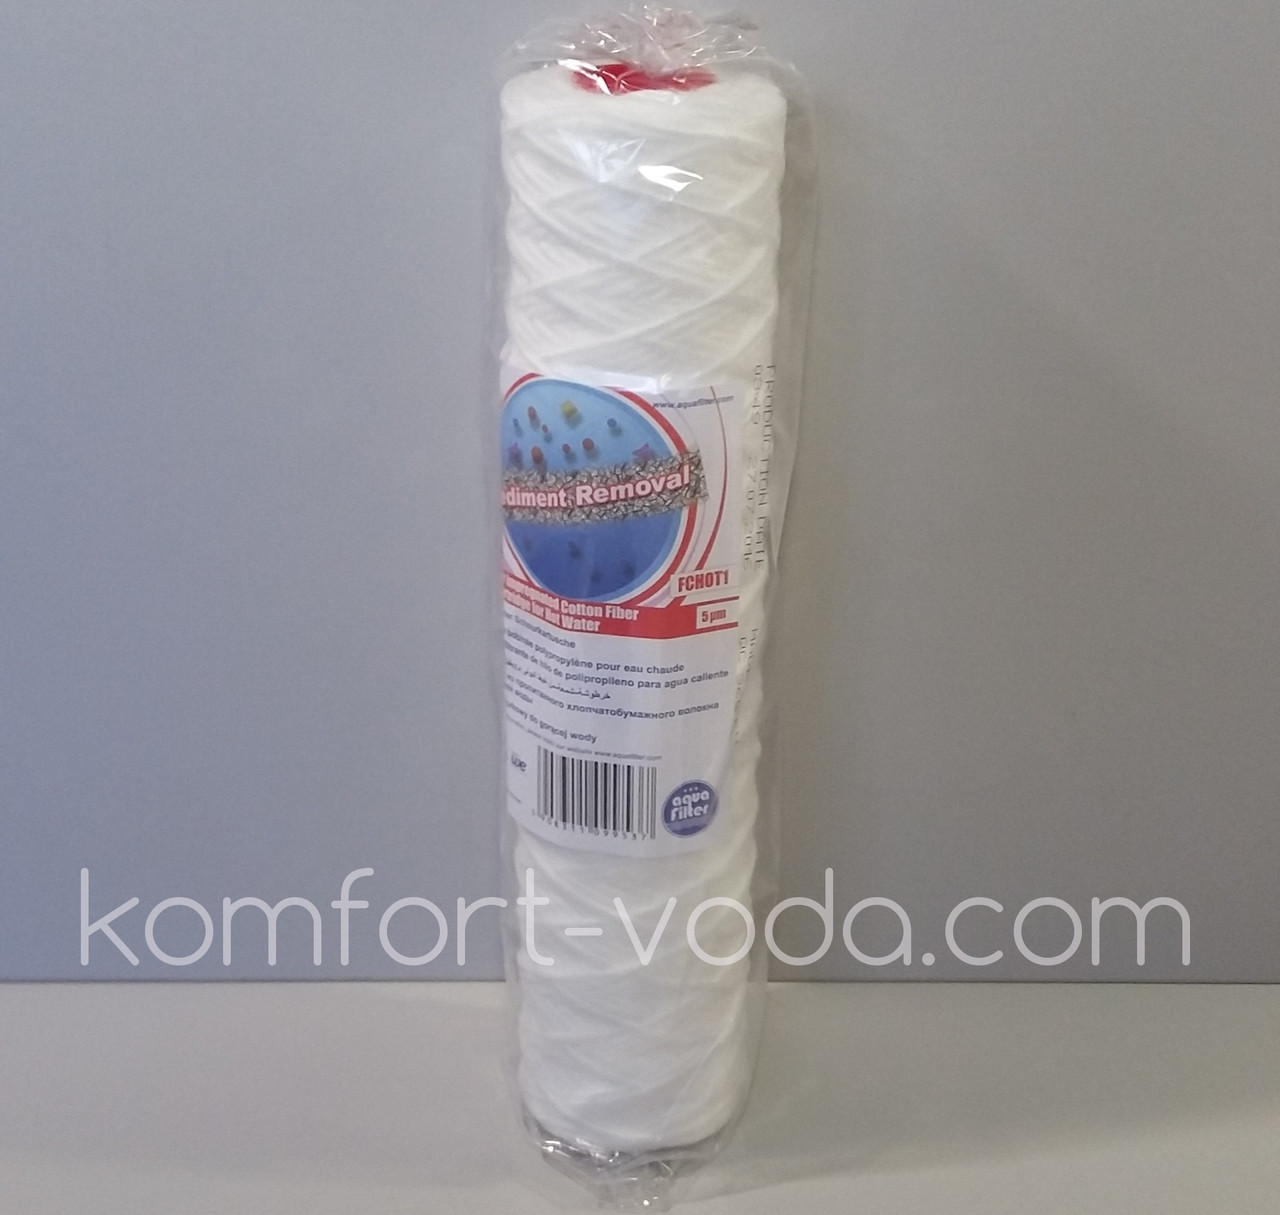 """Полипропиленовый нитный картридж для горячей воды Aquafilter FCHOT1, 10"""""""